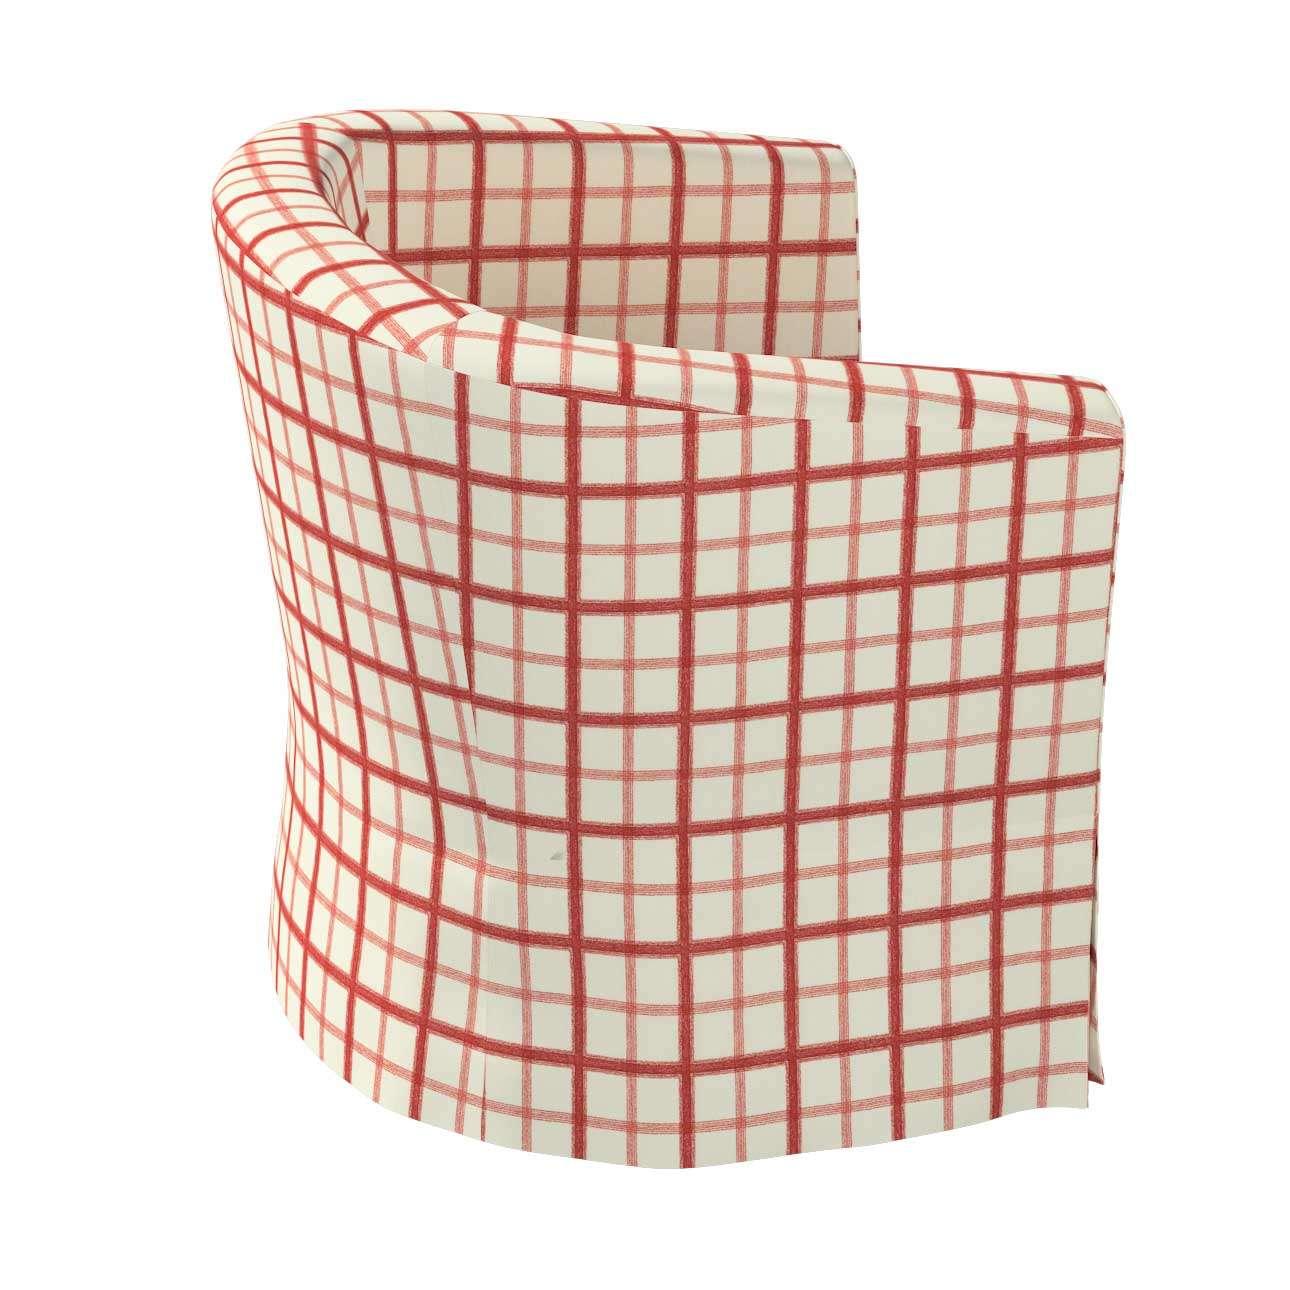 Pokrowiec na fotel Ektorp Tullsta w kolekcji Avinon, tkanina: 131-15